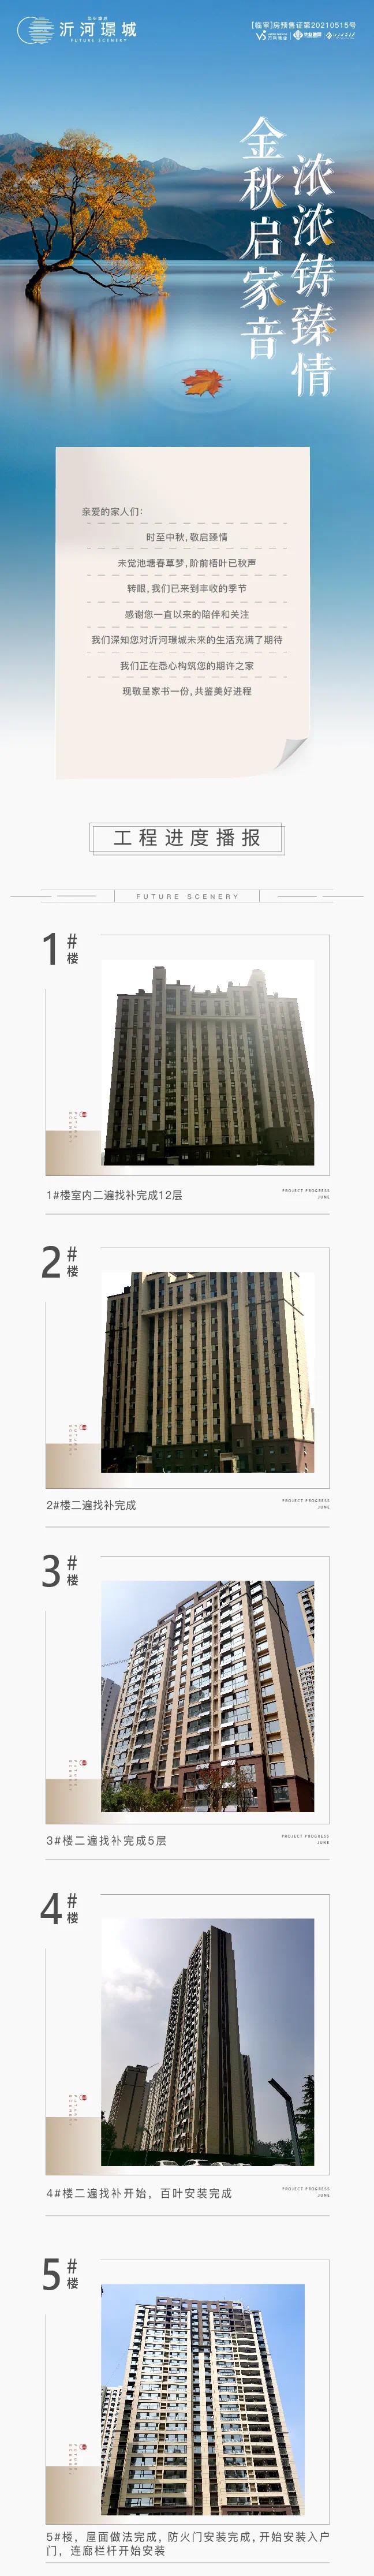 沂河璟城 | 金秋启家音 浓浓铸臻情